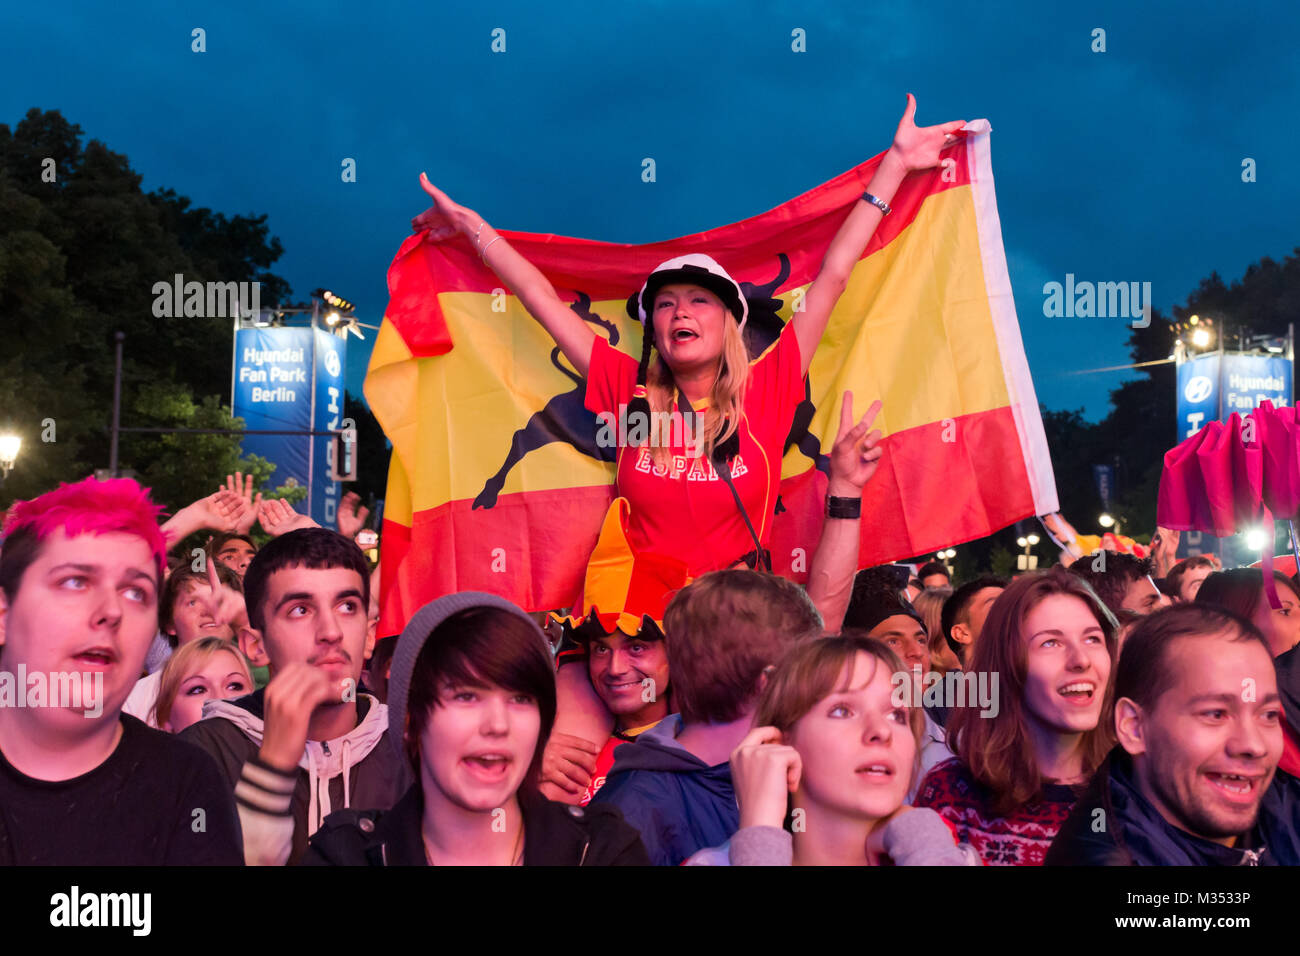 Laut jubelnde Fußballfans beim Sieg von Spanien gegen Italien an der Fanmeile zur Europameisterschaft 2012 am Brandenburger Tor in Berlin. Stockfoto